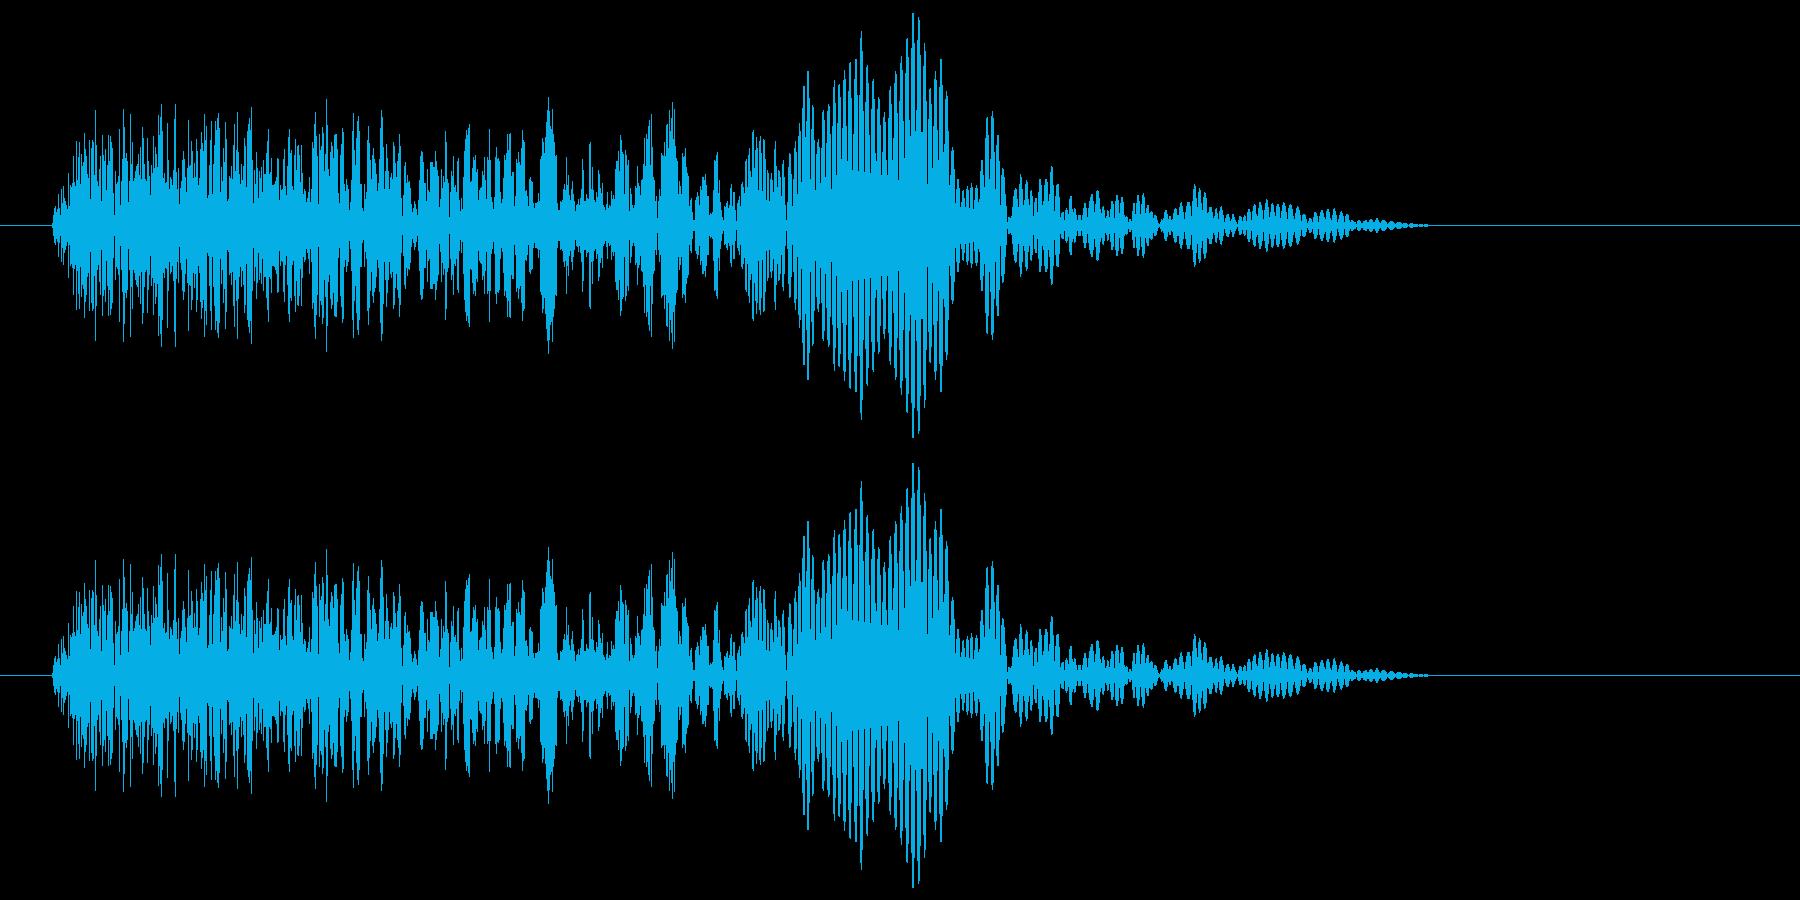 シュン(近未来のワープ音)の再生済みの波形